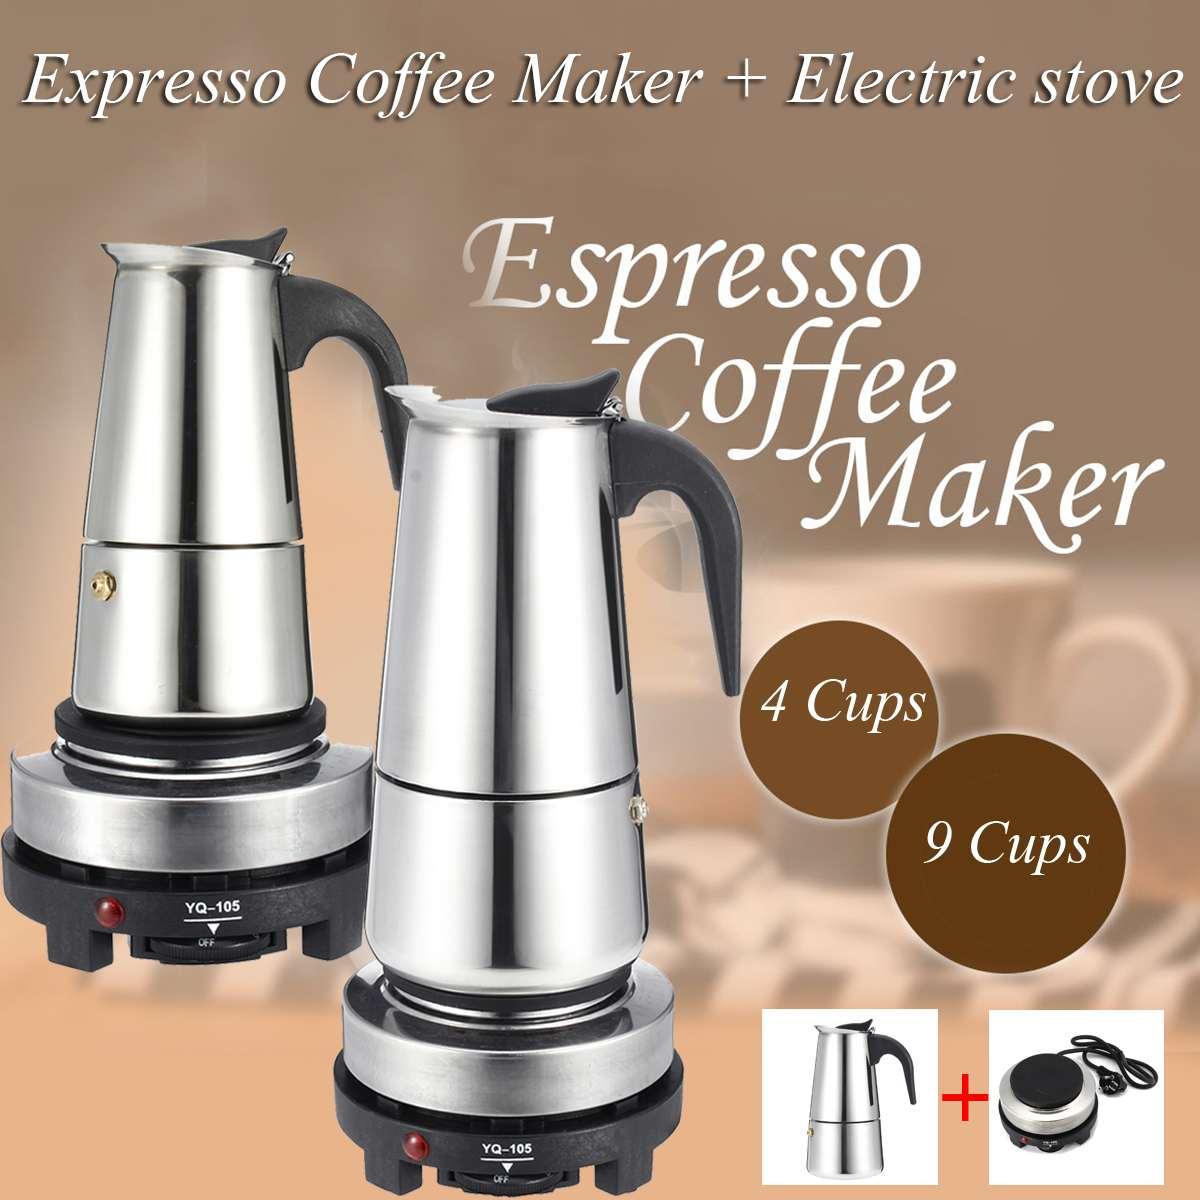 200/450 مللي ماكينة صنع قهوة اسبريسو براد لصنع الموكا الفولاذ المقاوم للصدأ مع موقد كهربائي تصفية Percolator القهوة بروير غلاية وعاء